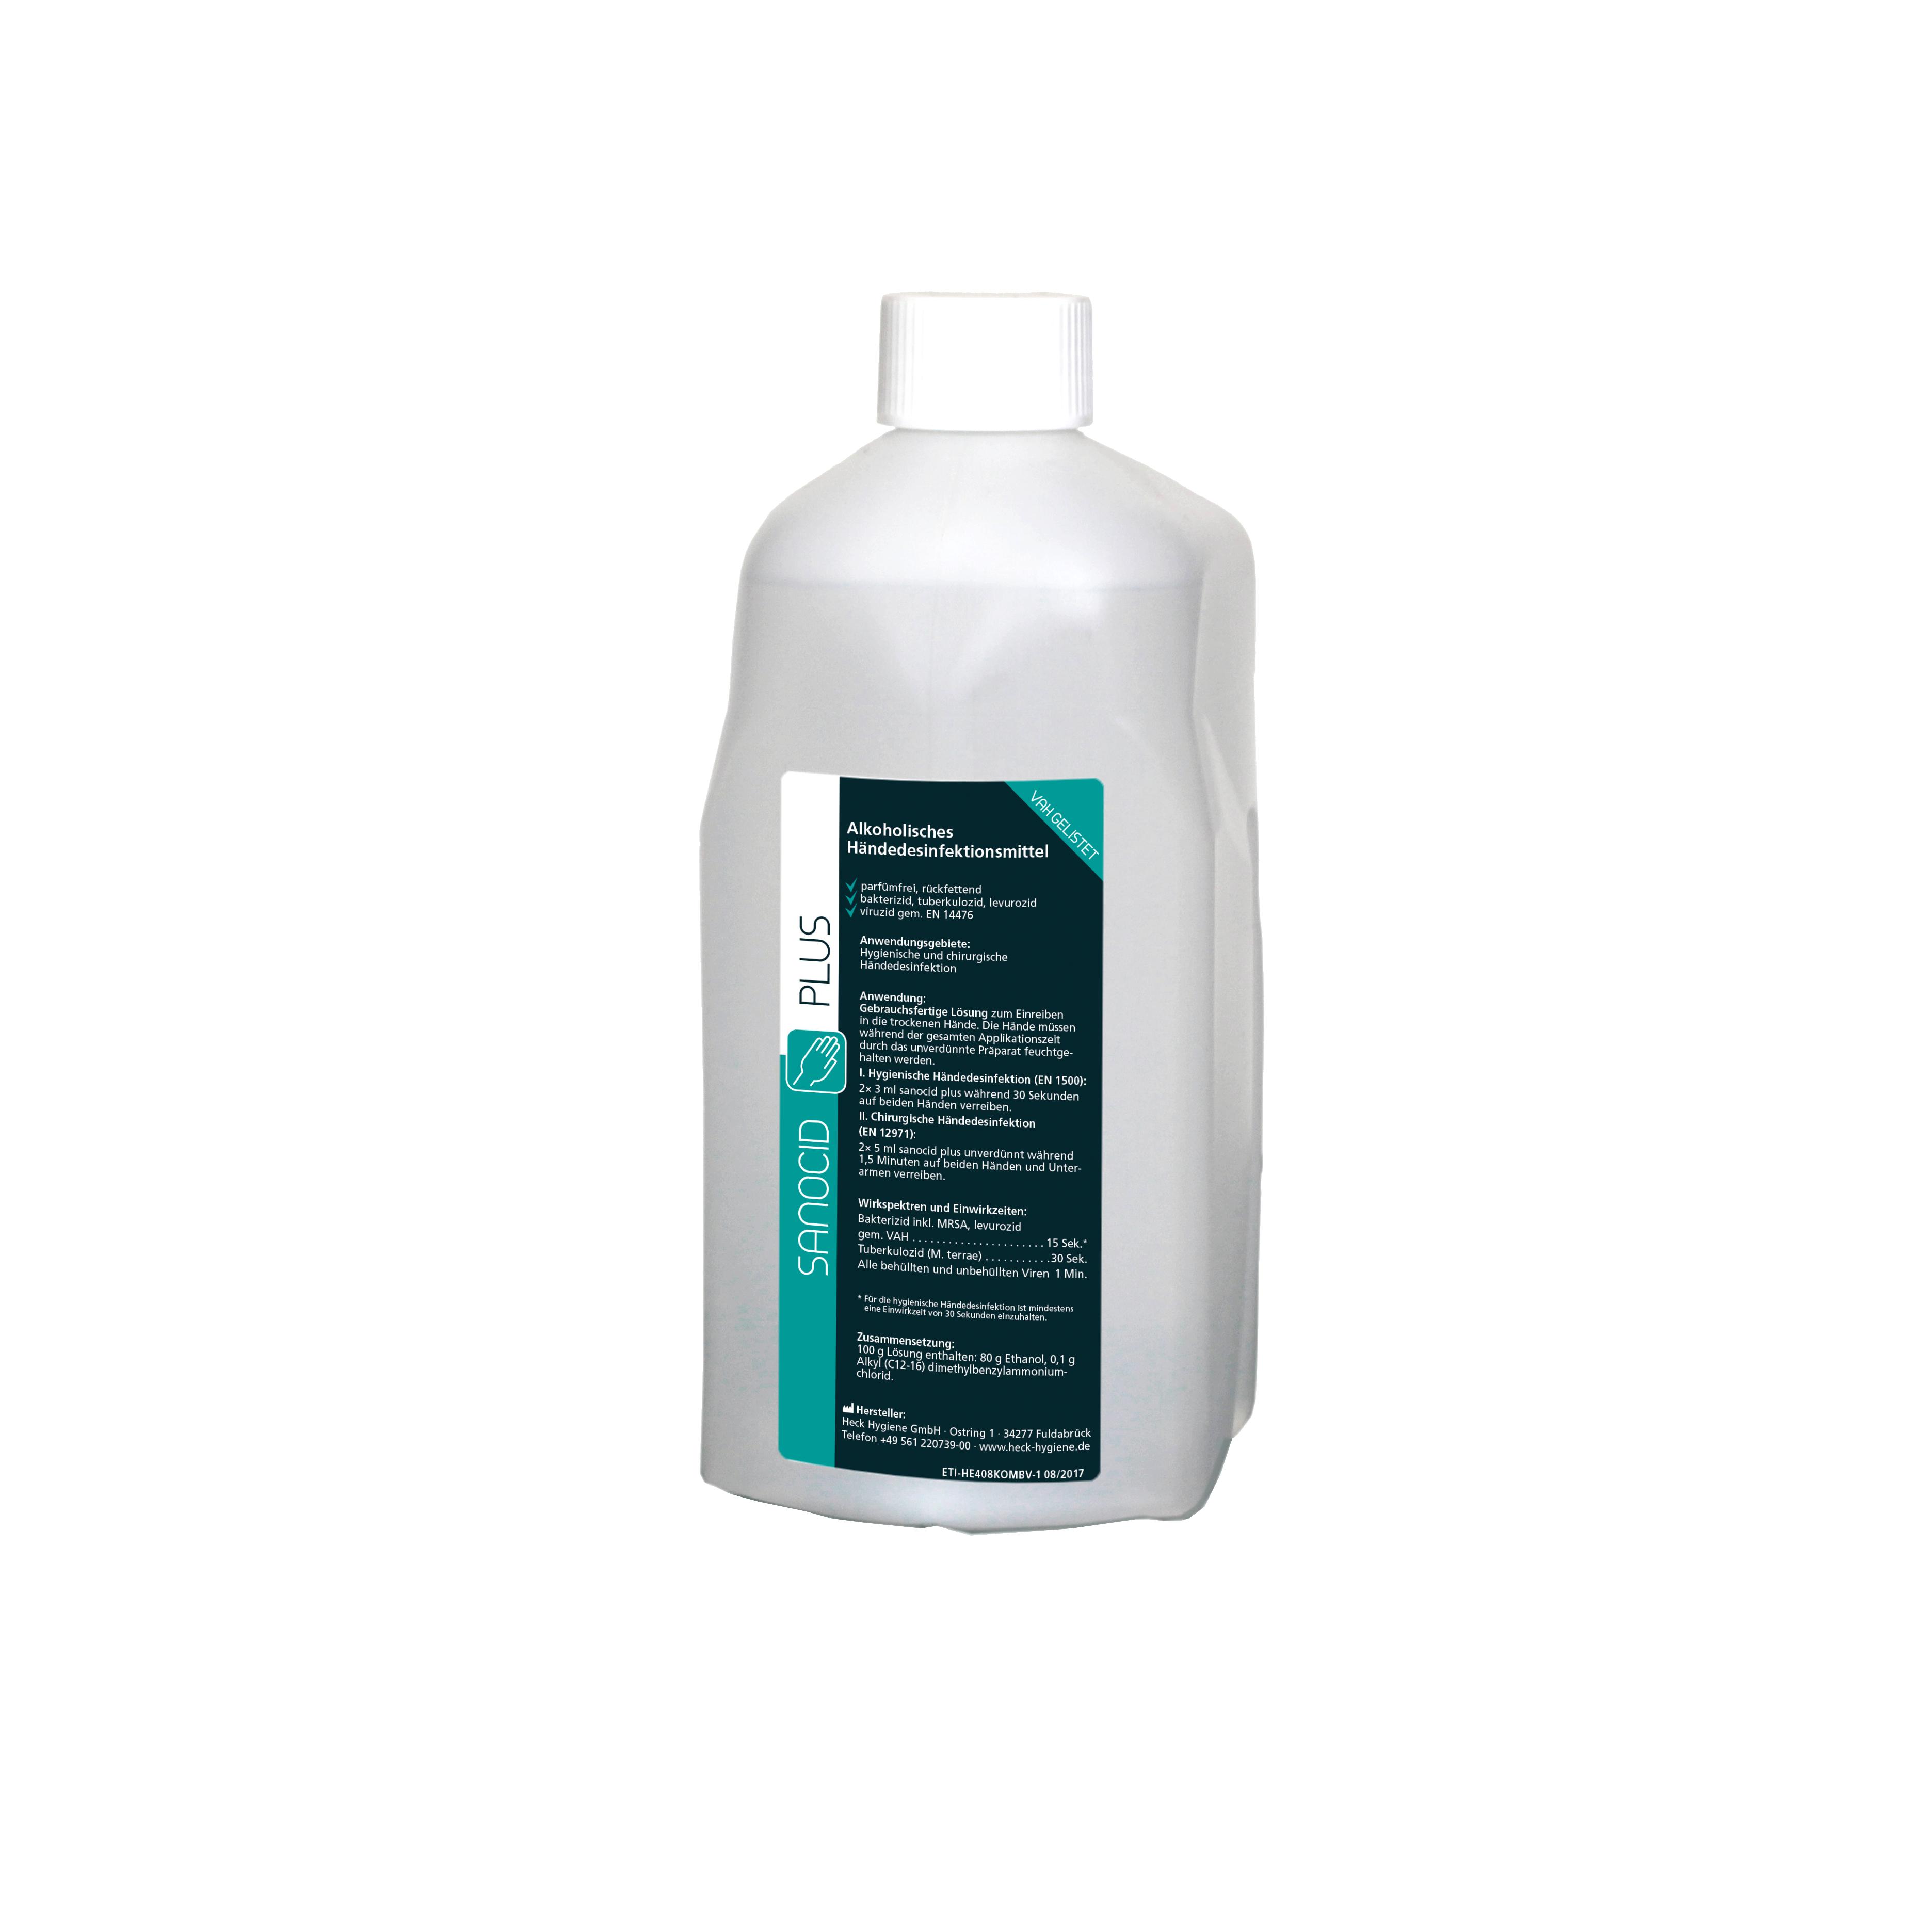 Sanocid Plus Händedesinfektion, viruzid, 1 Spenderflasche, 1 Liter